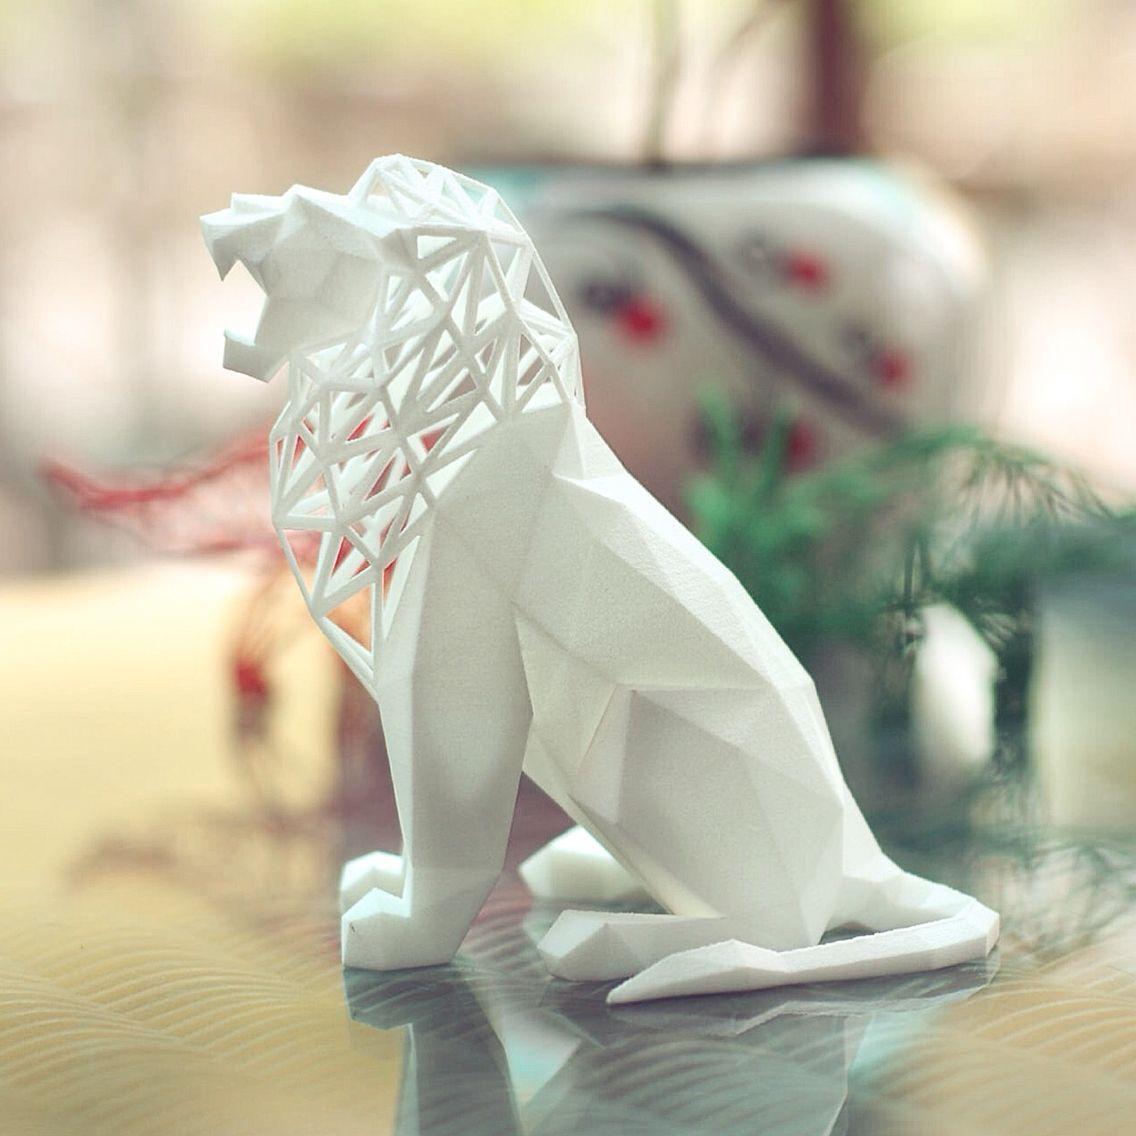 3dprinting Sculpture Artist: #roaring #lion #art # Sculpture #design By @formbyte And